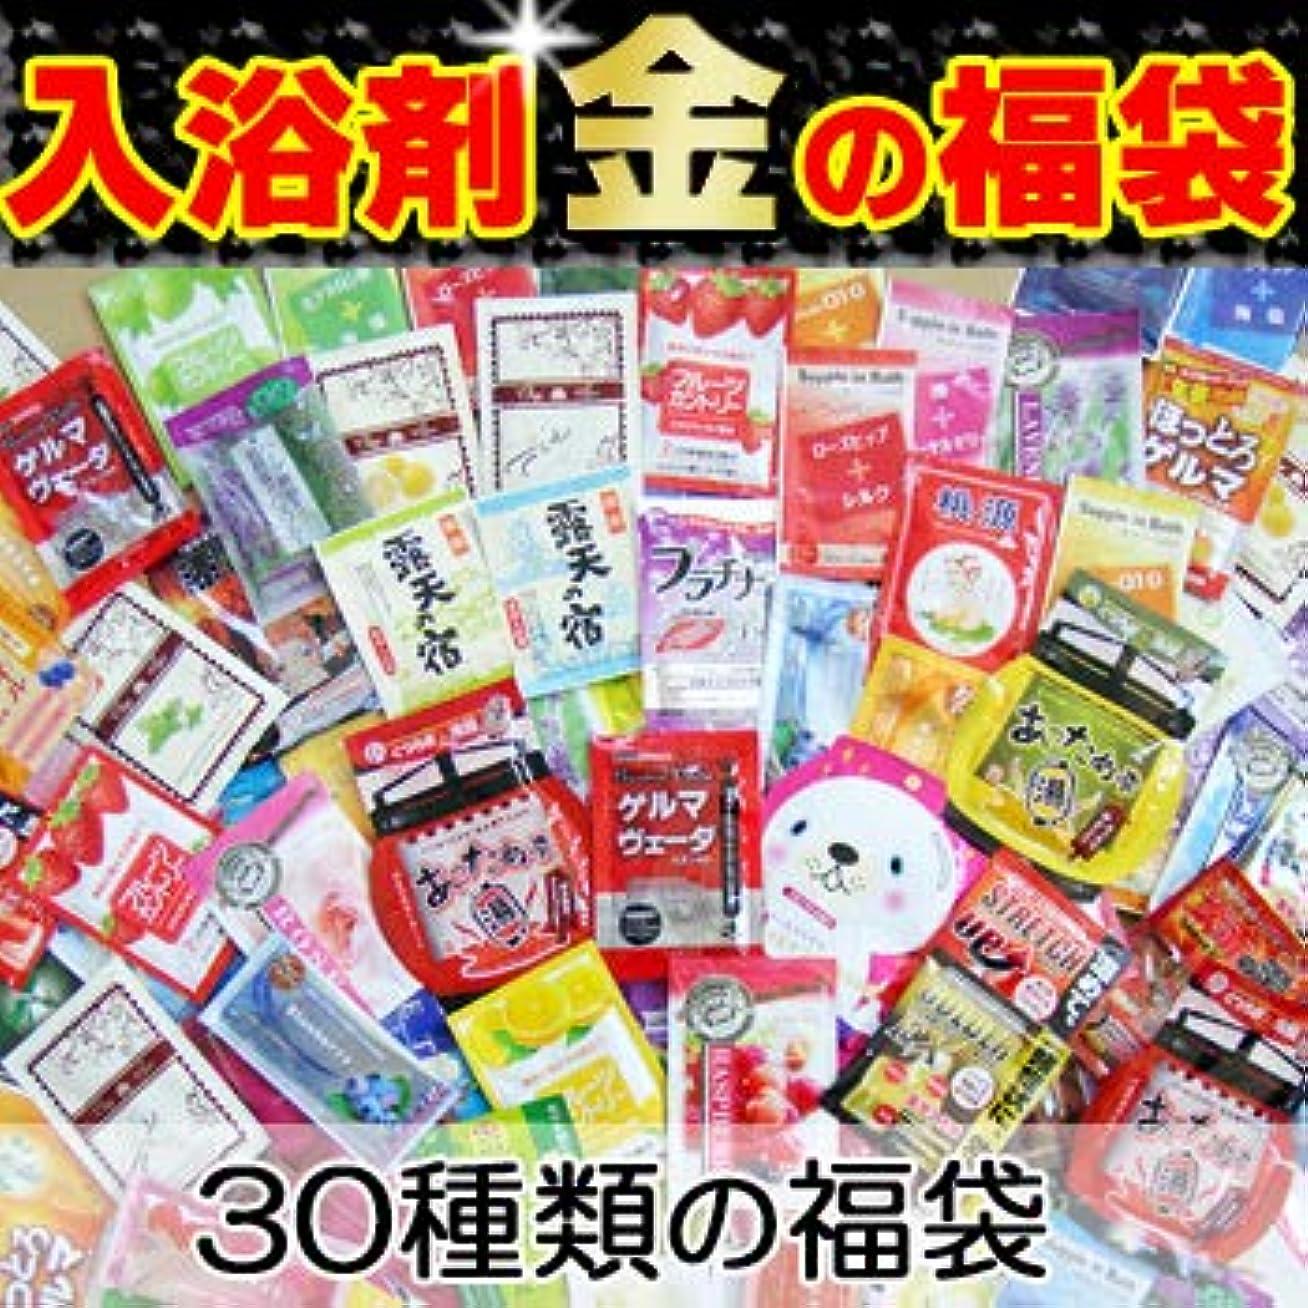 池エンディング富お試し入浴剤 金の福袋30種類!30日分 入浴剤福袋 安心の日本製!